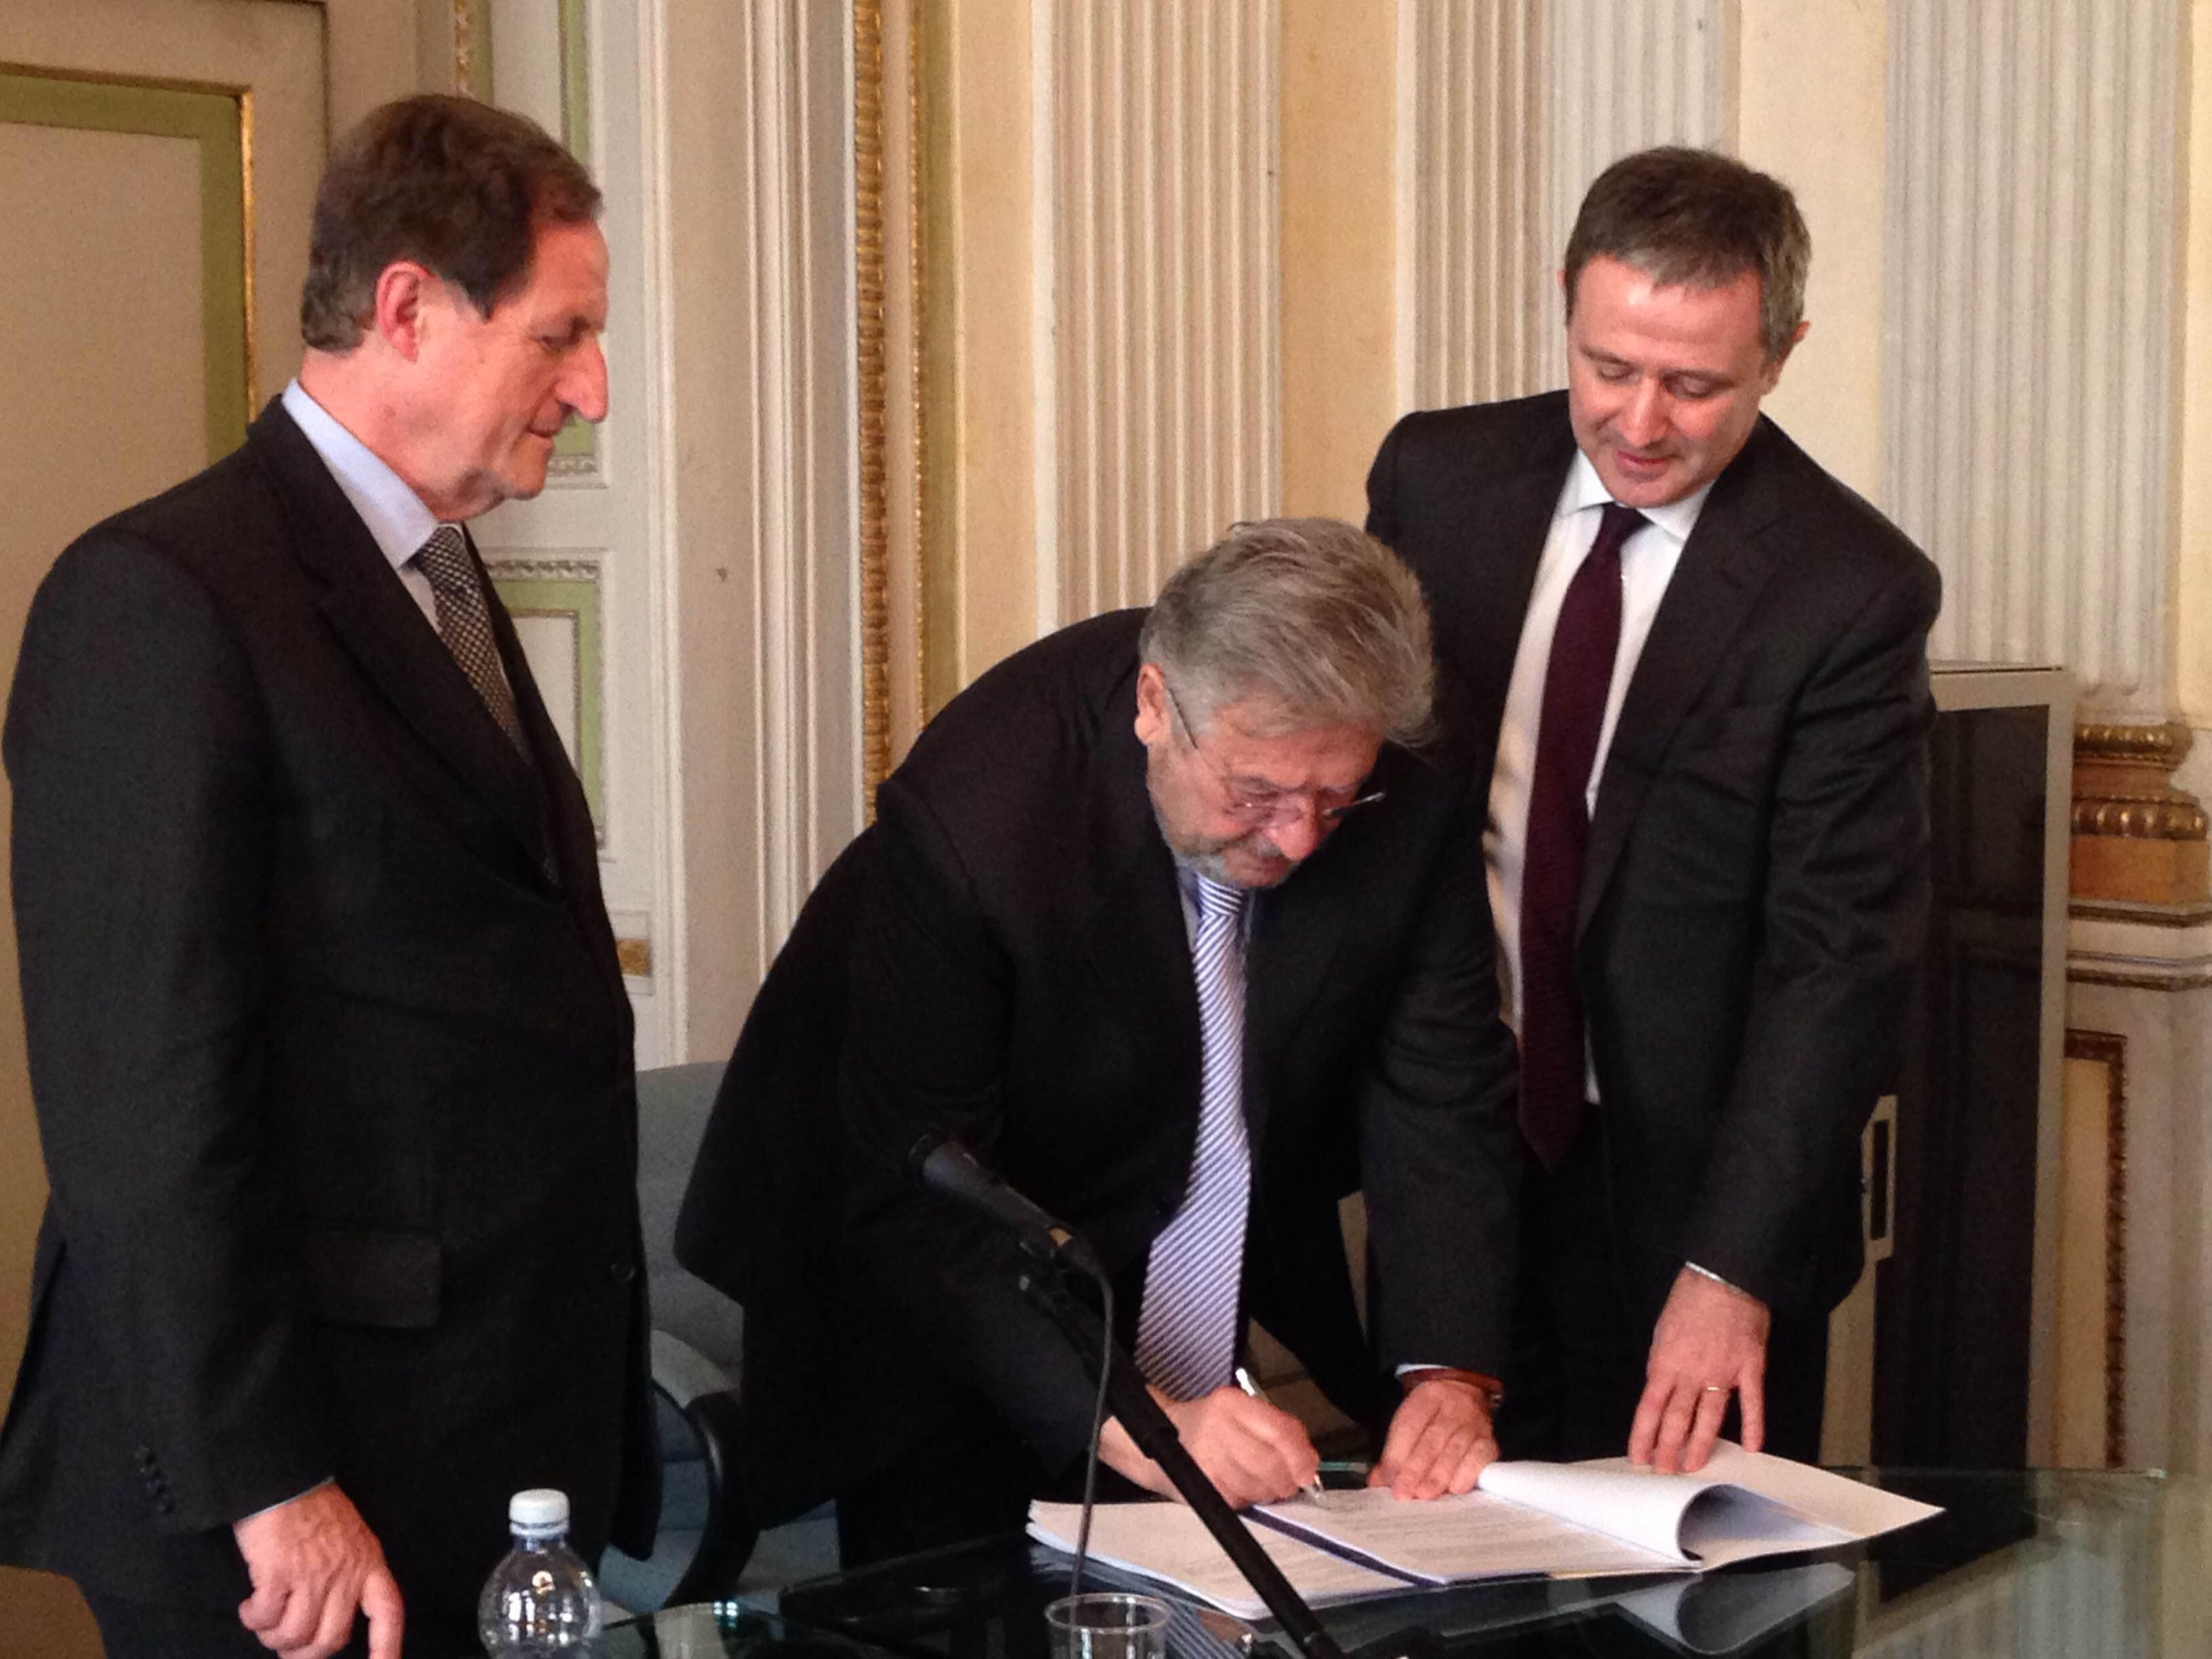 L'Istituto Nazionale dei Tumori diventa Centro di riferimento per l'Oncologia dell'Università degli Studi di Milano